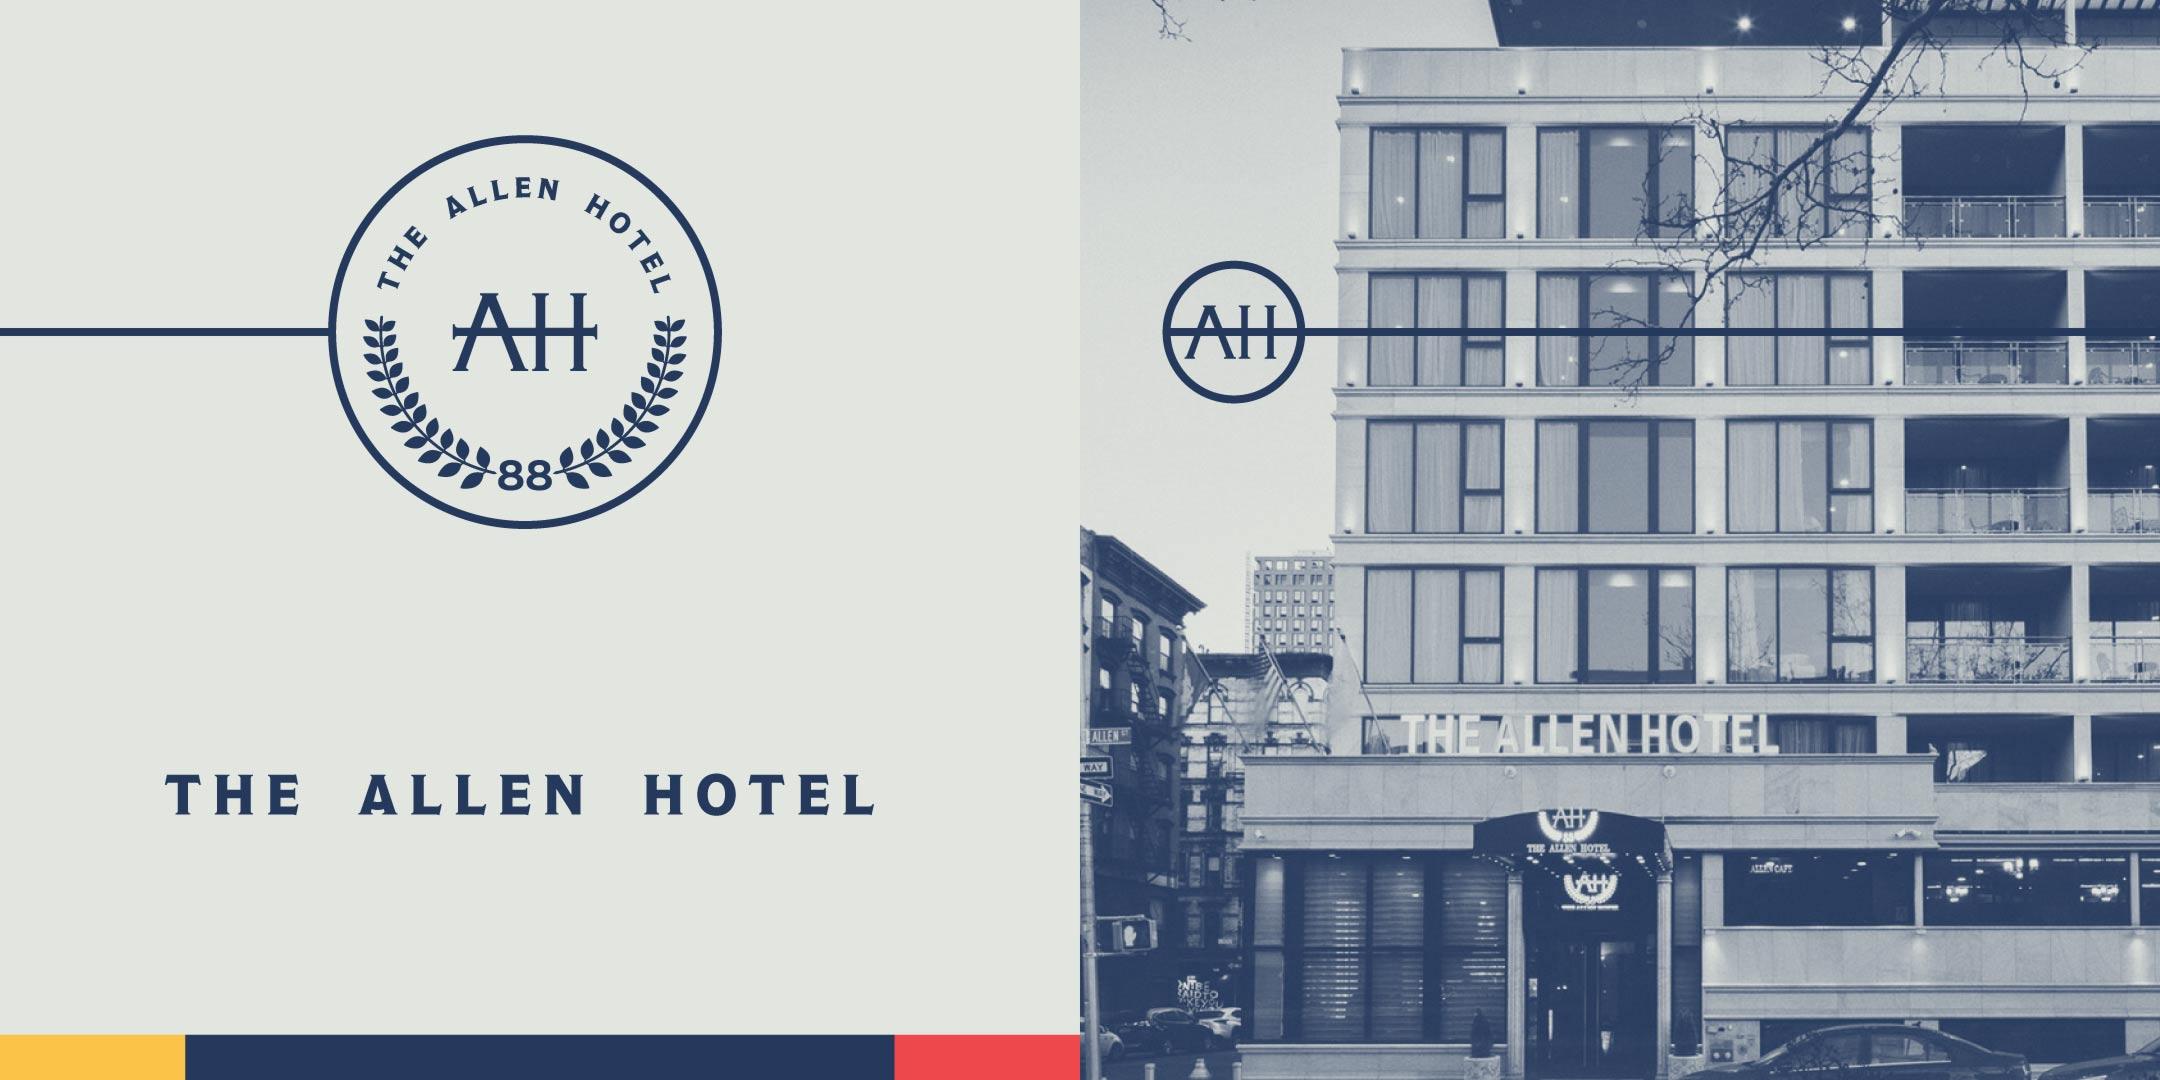 the-allen-hotel-case-study-01